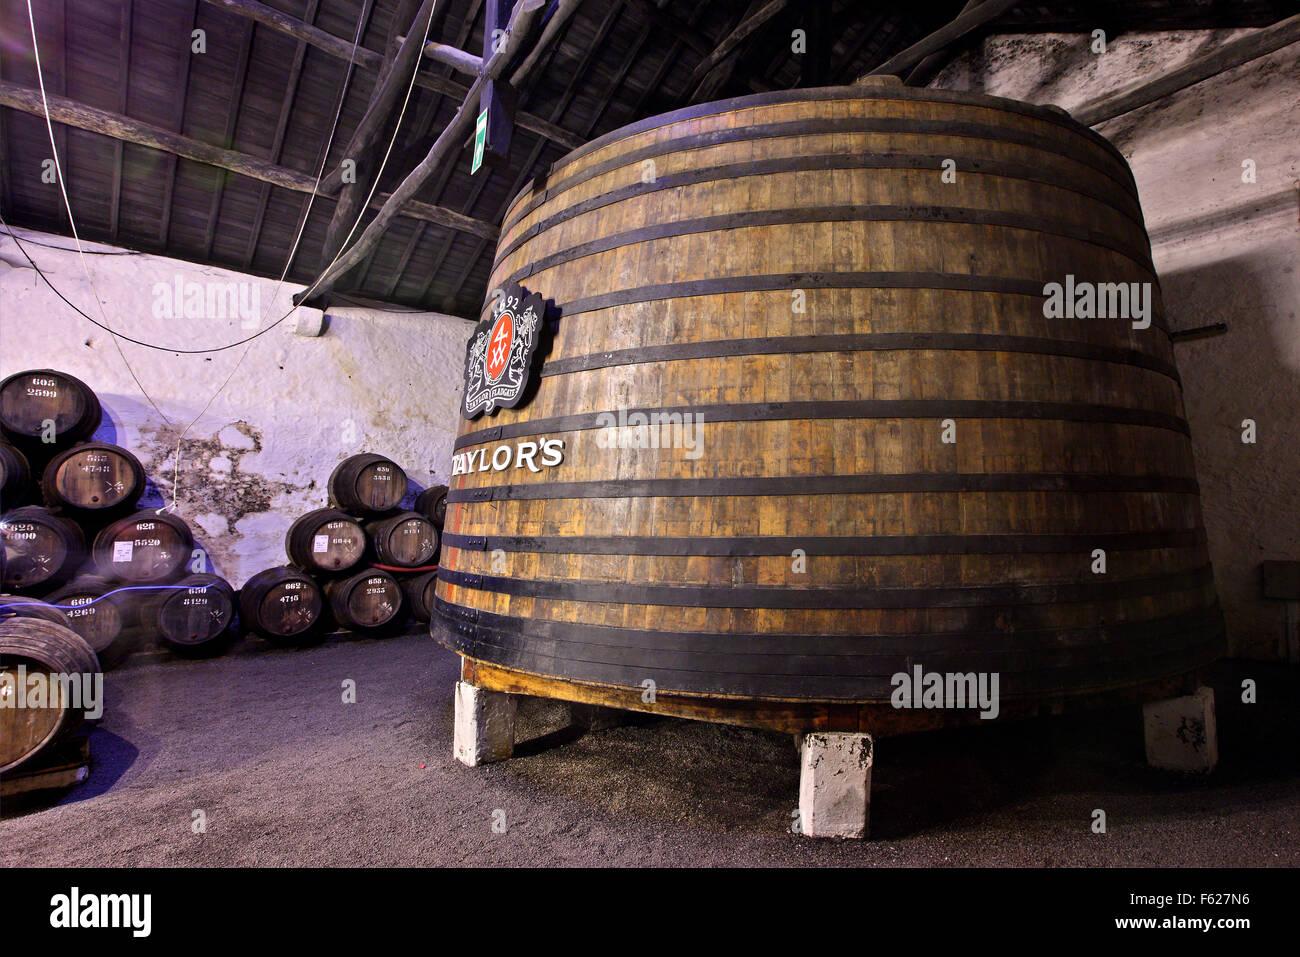 Huge barrels in the cellars of 'Taylor's' in Villa Nova de Gaia, Porto, Porte e Norte, Portugal. - Stock Image